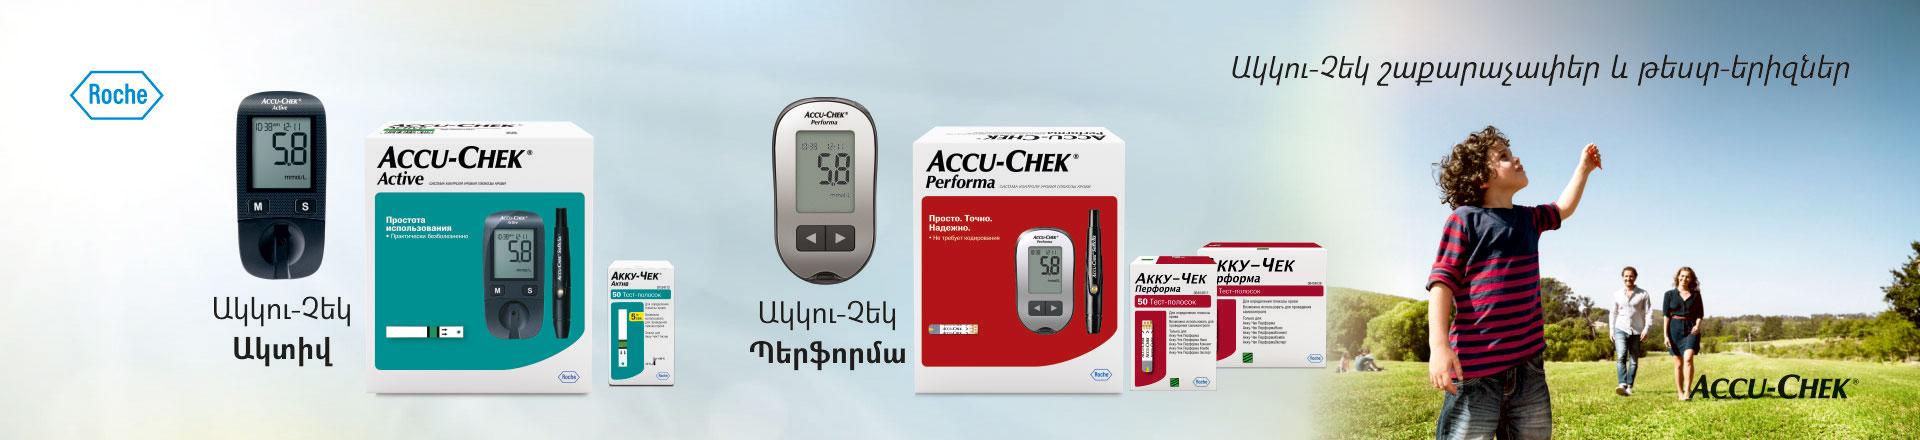 Accu-chek-slider